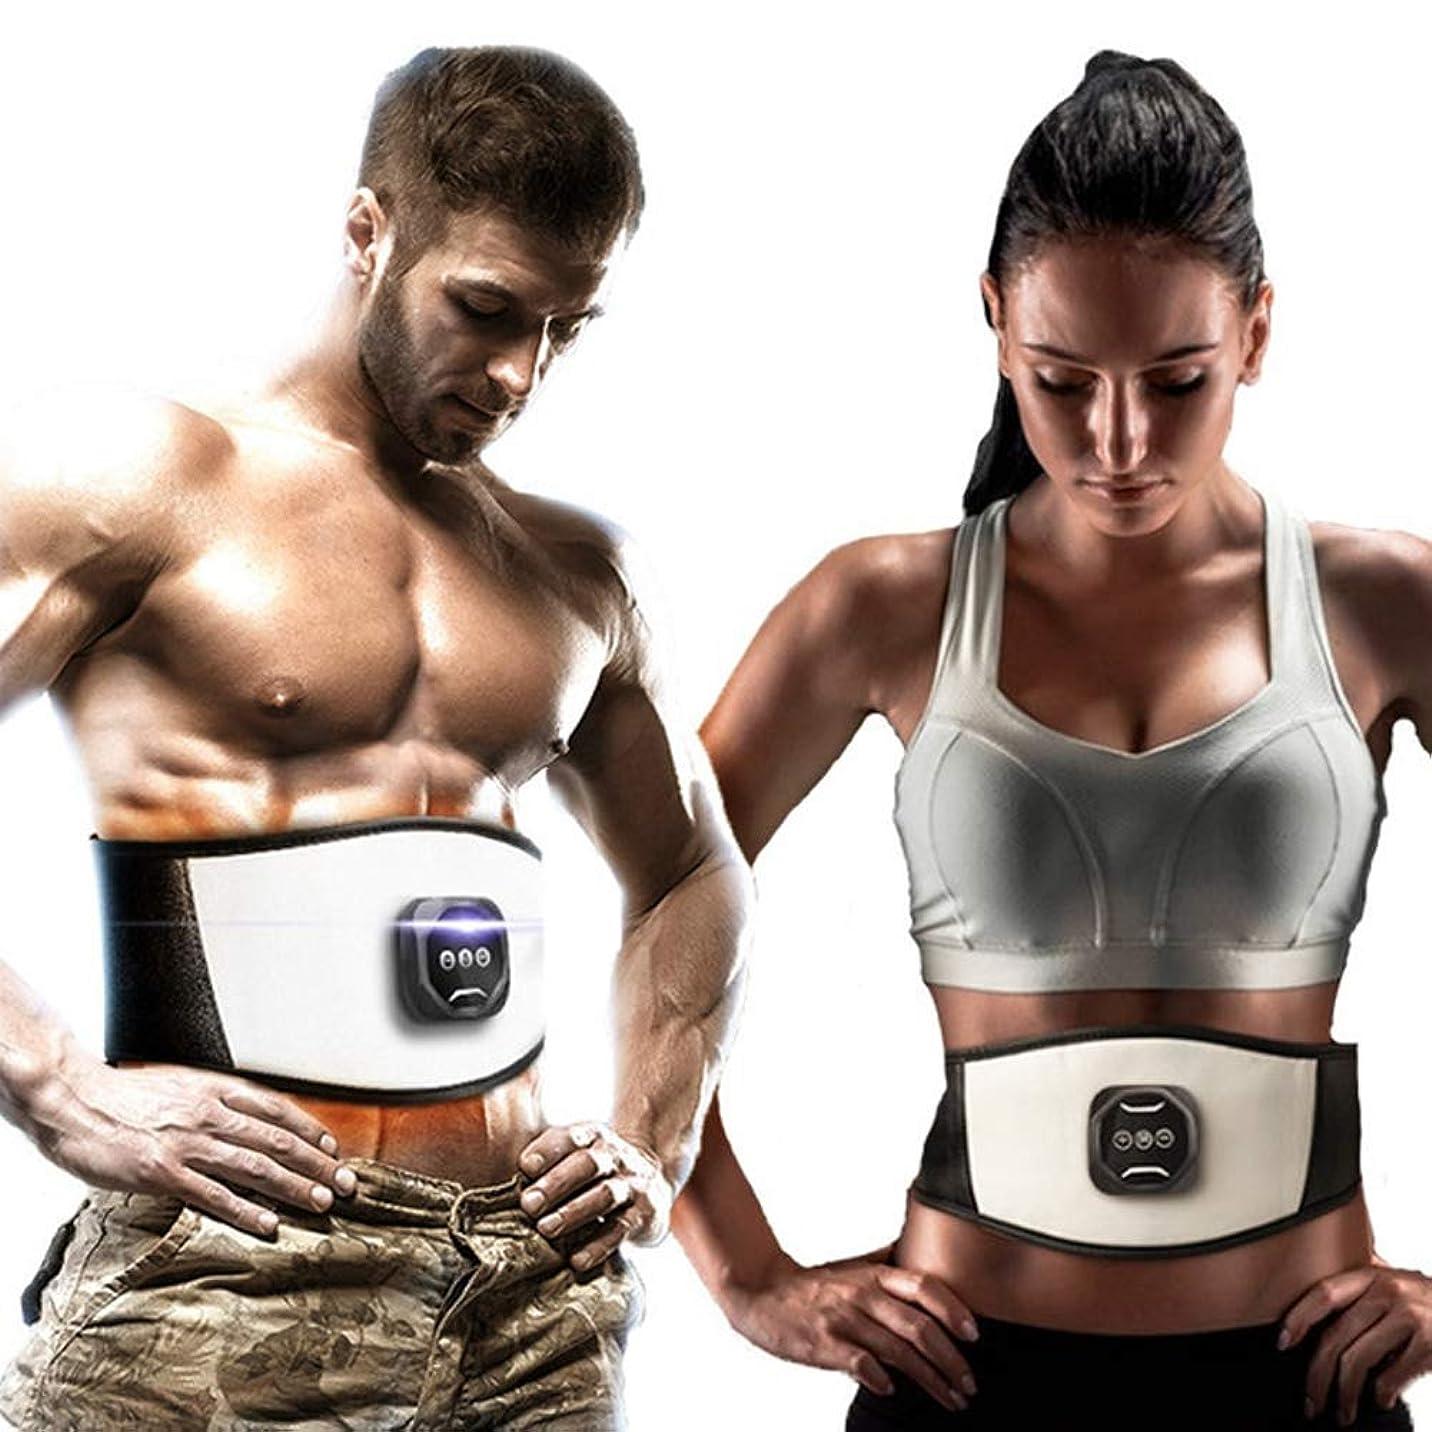 プット挑発するふりをするEms電気減量機器筋肉トレーニングフィットネス機器減量美容ウエスト整形マッサージベルト,白